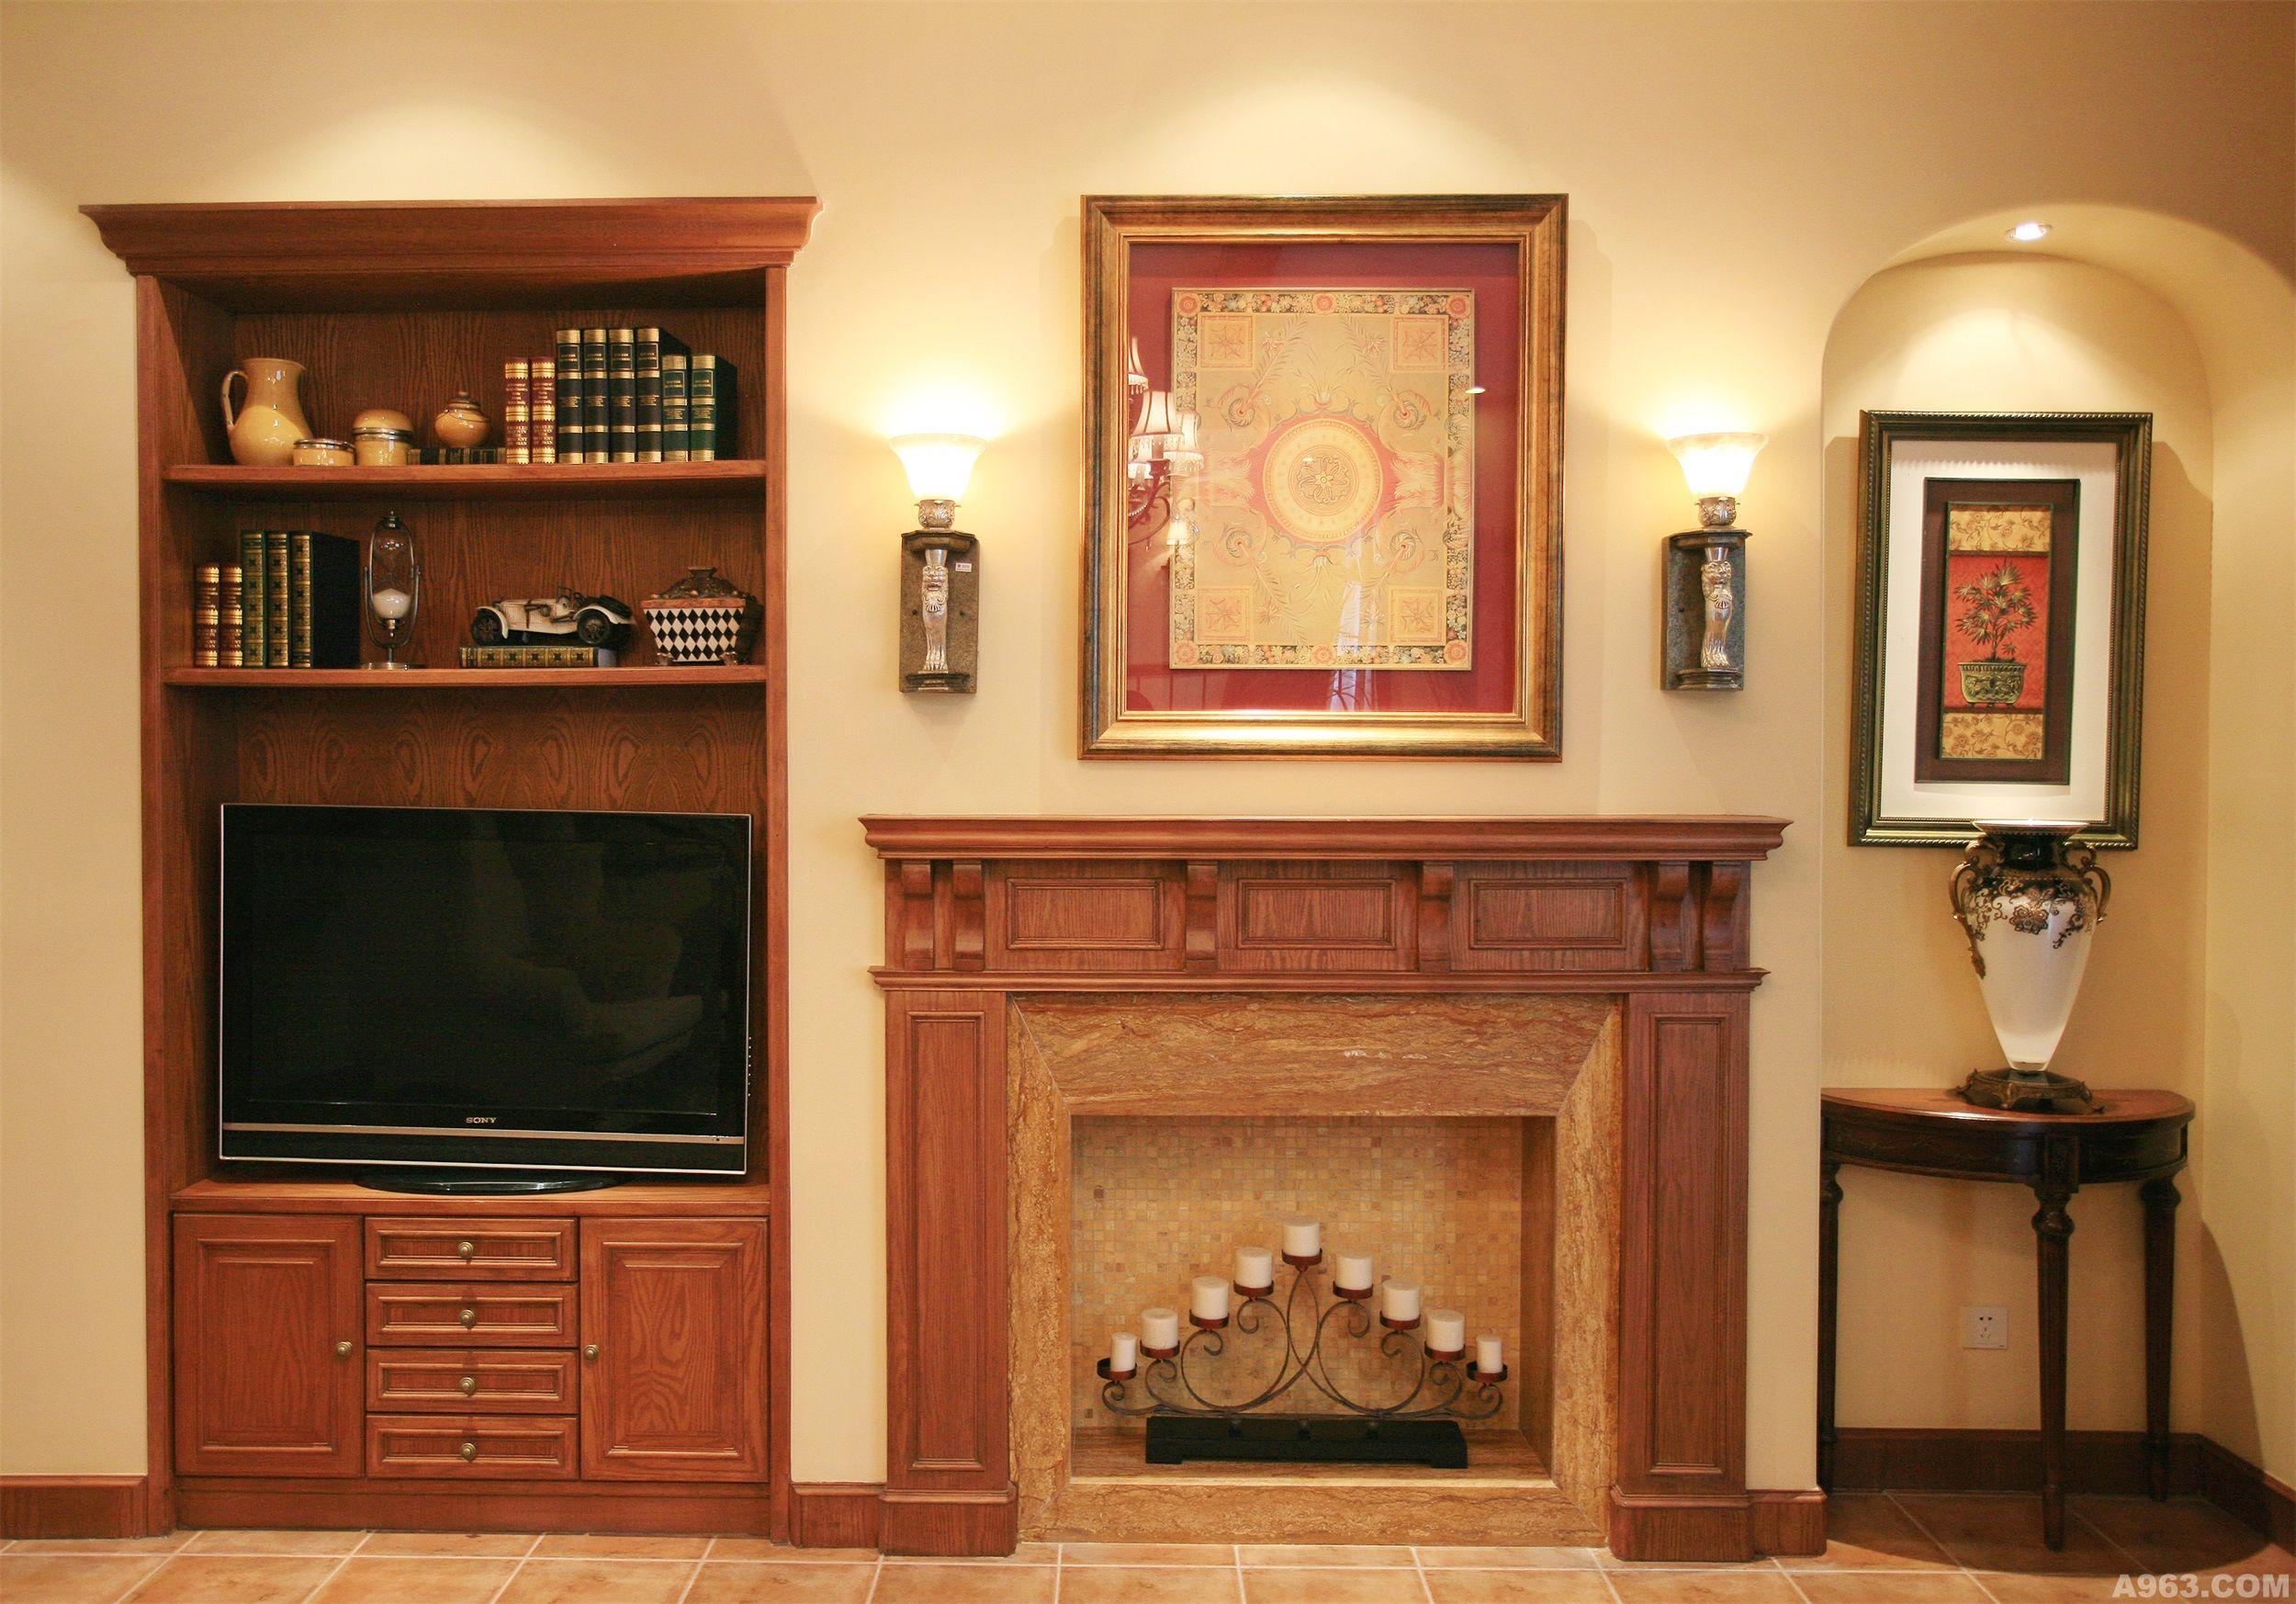 很多造型被刻意嵌进墙面里,比如壁炉及嵌入装饰柜(电视柜).